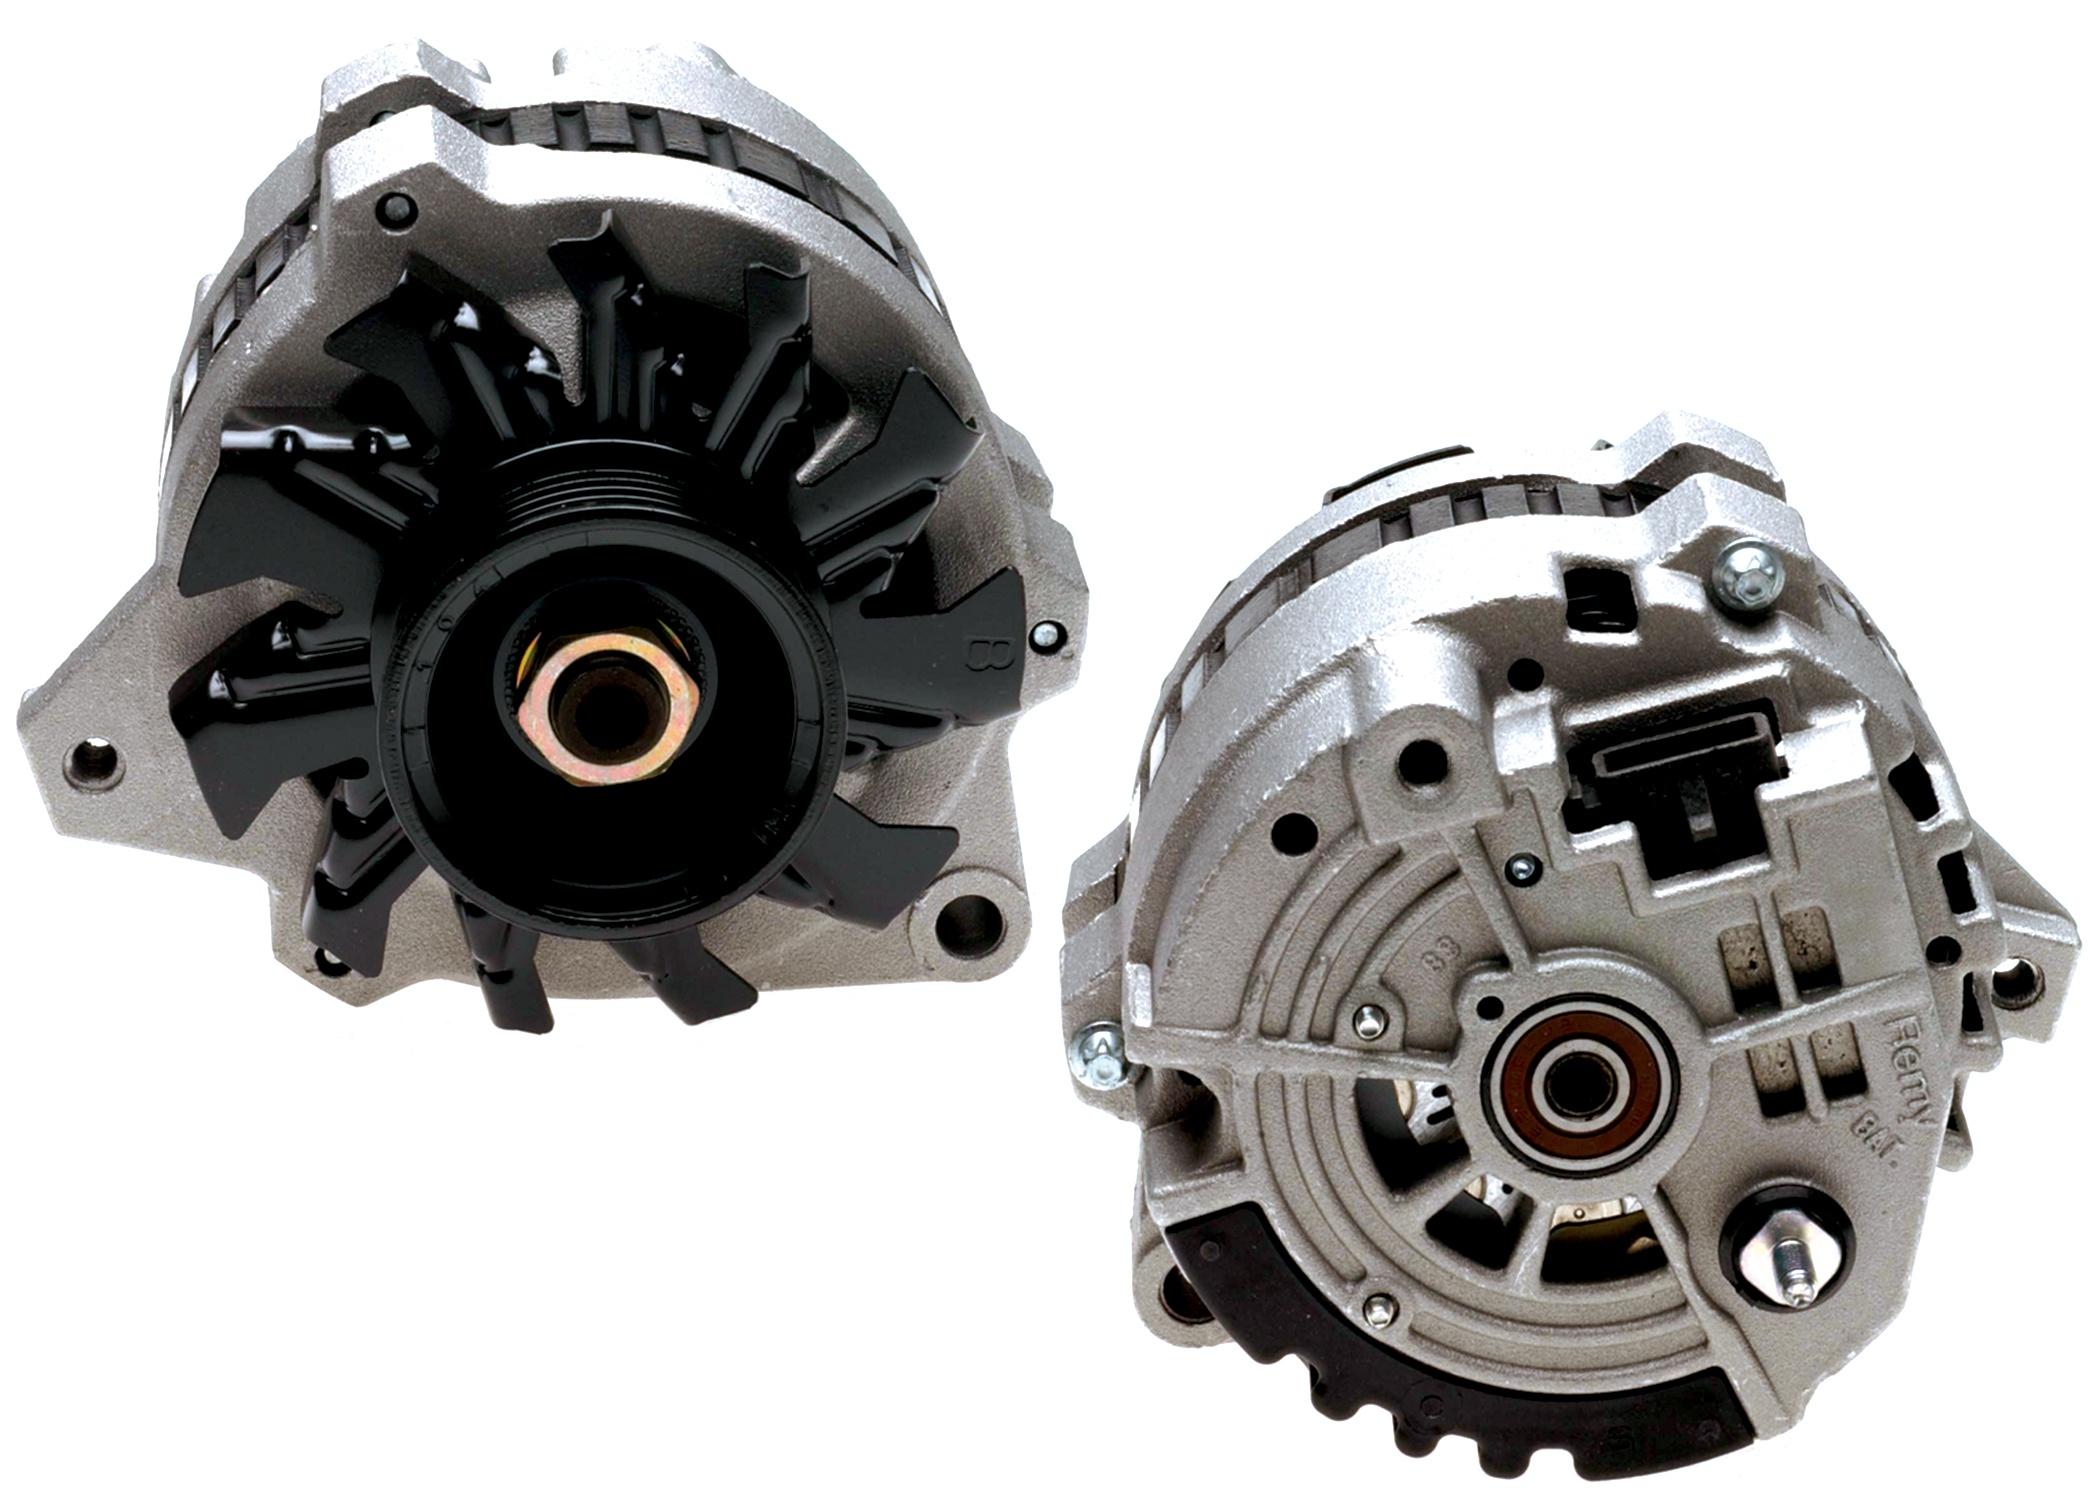 ACDELCO GM ORIGINAL EQUIPMENT - Reman Alternator - DCB 321-1037